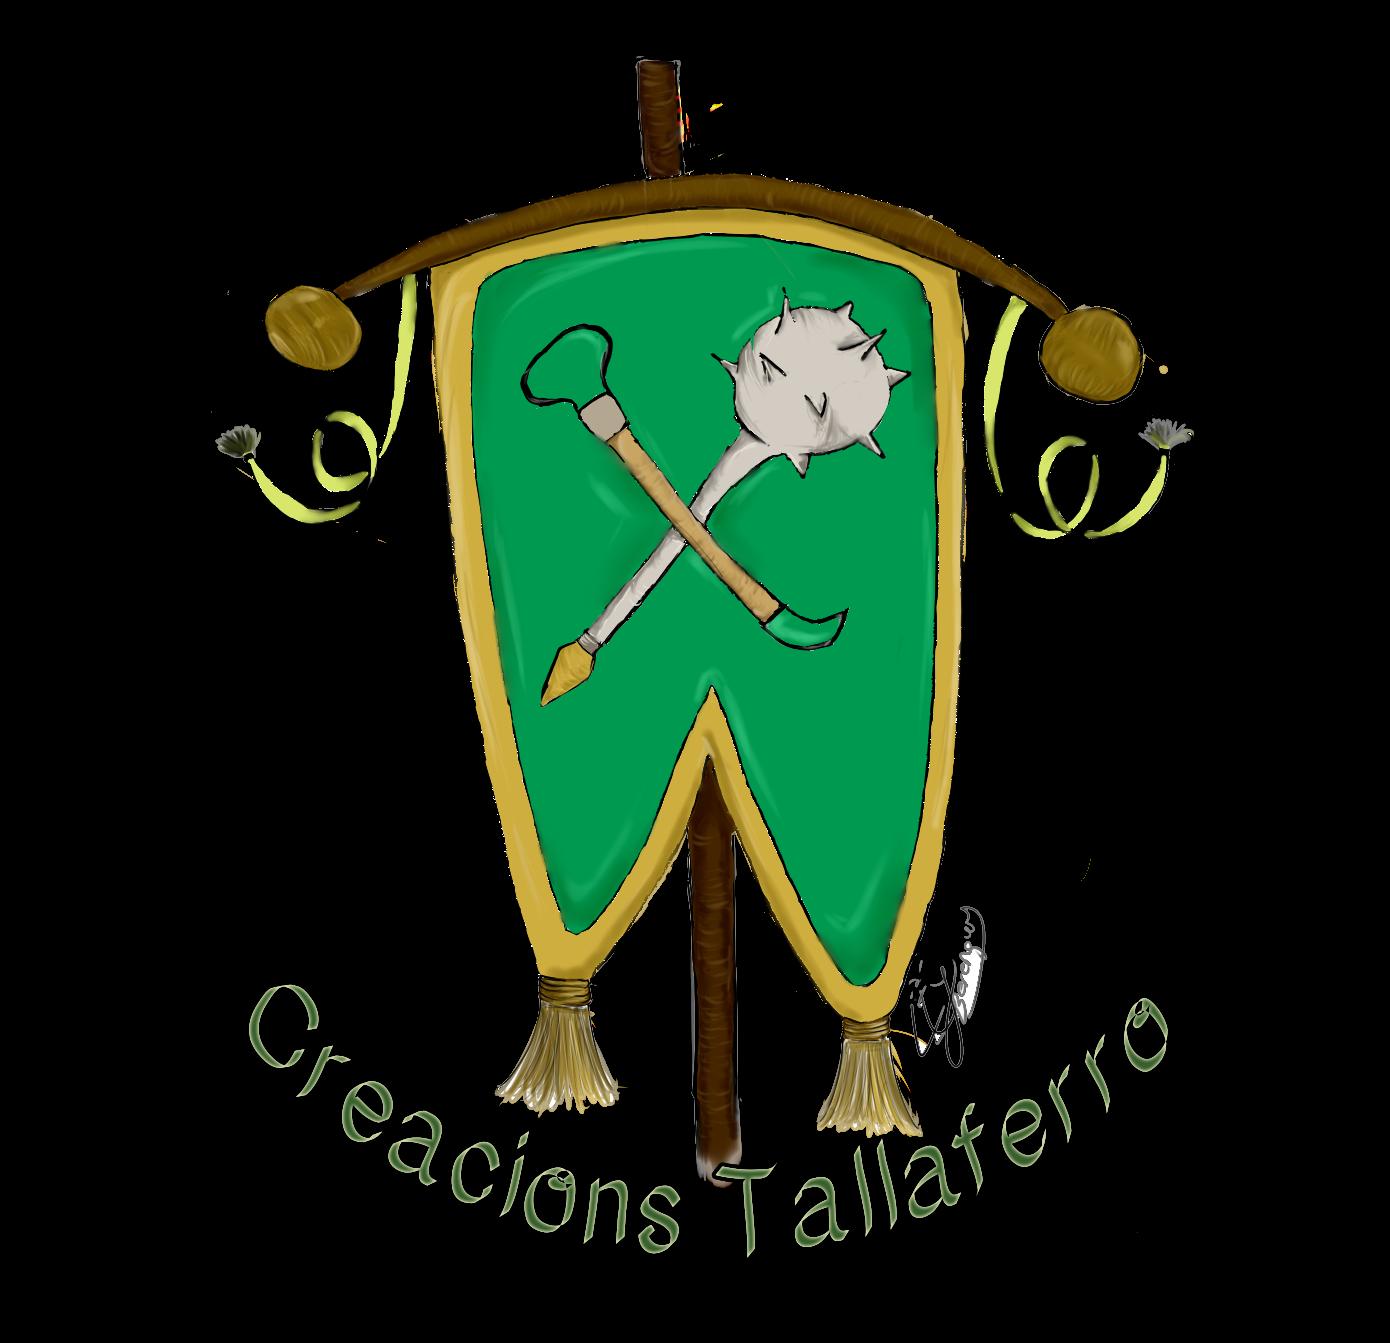 CREACIONS TALLAFERRO